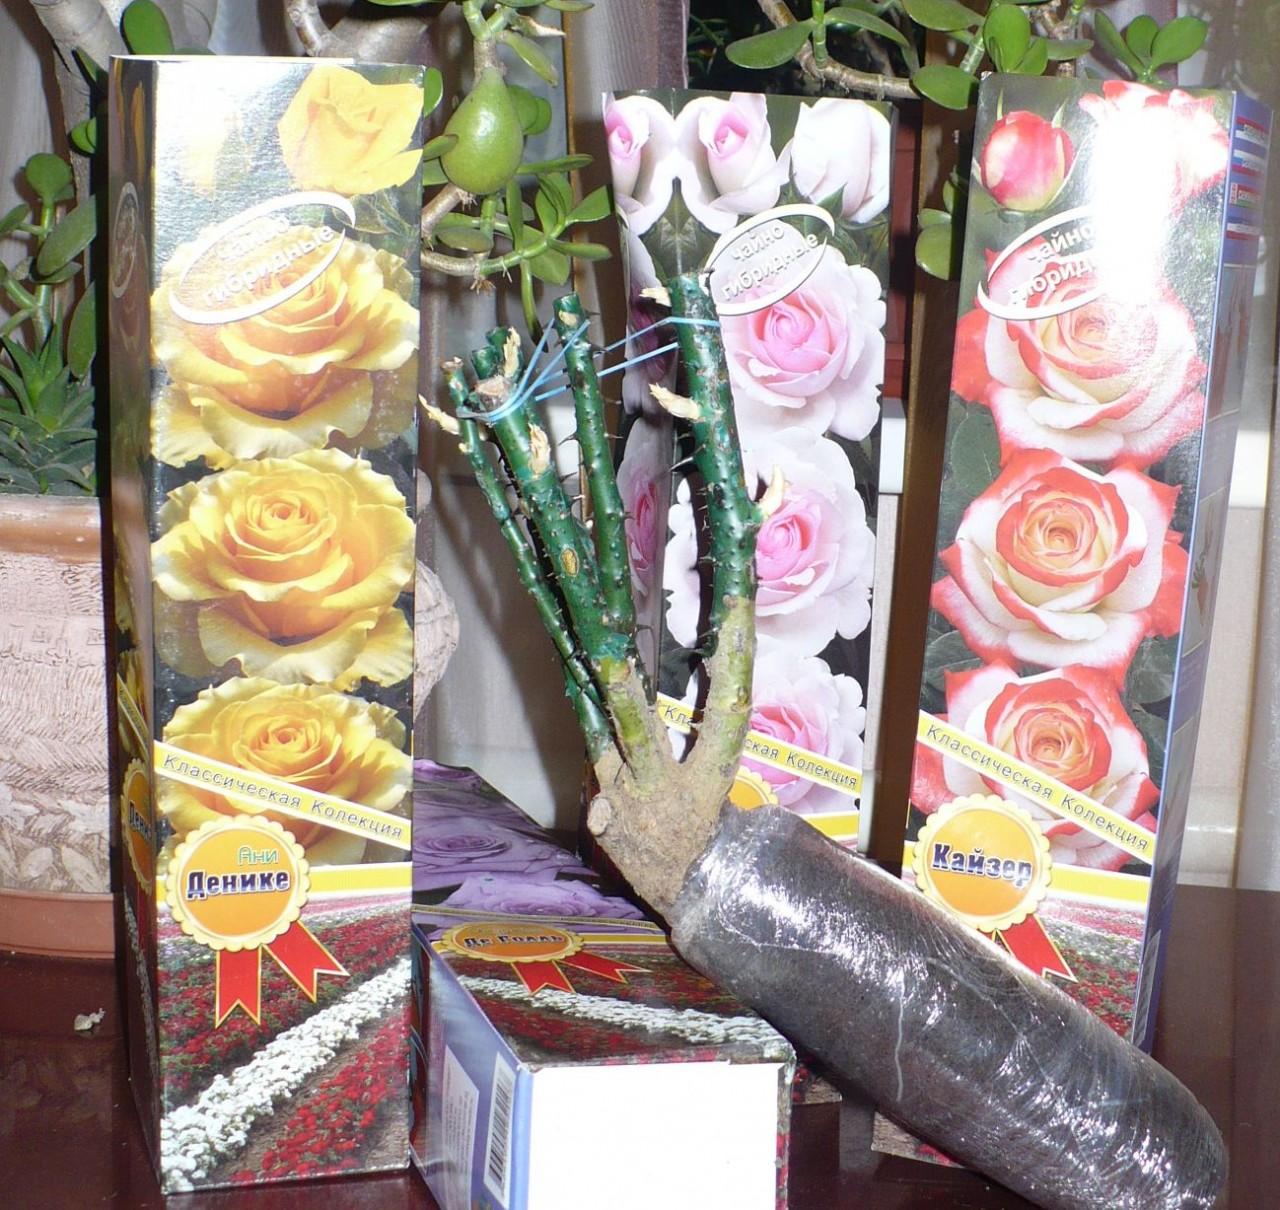 Помогите сохранить саженцы роз до высадки.